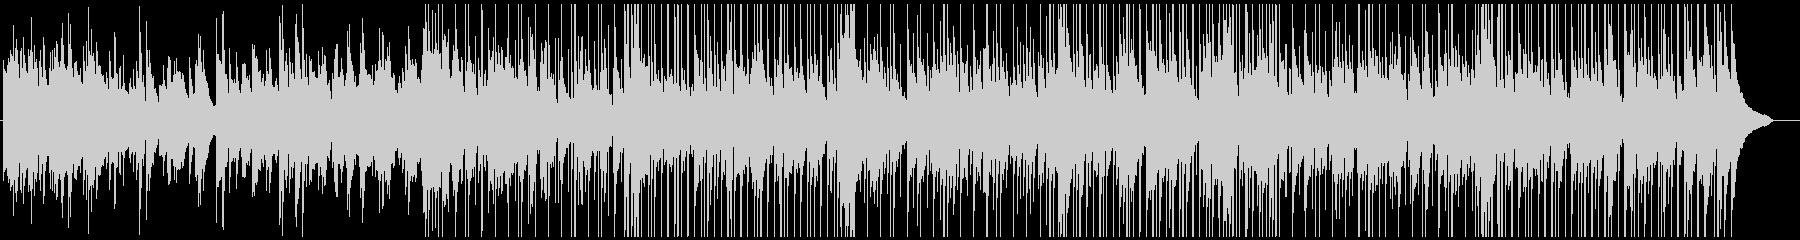 しっとりとしたピアノのカントリーバラードの未再生の波形